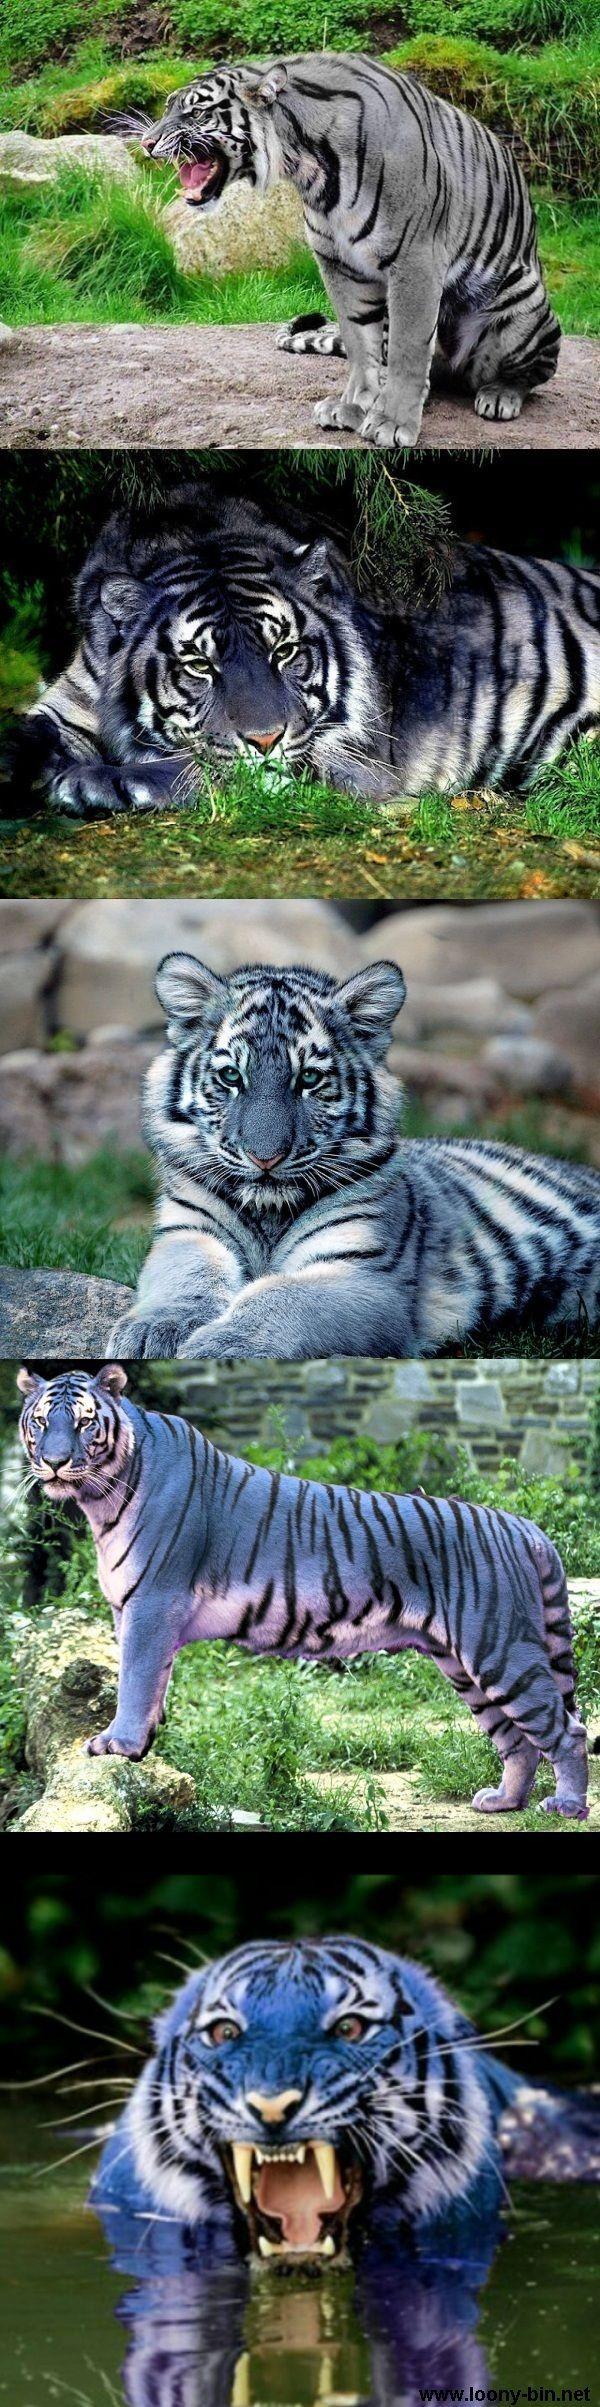 Maltesischer Blauer Tiger – Ein professioneller Fotograf ist sehr geschickt im Fotografieren …   – I don't know what to name this board